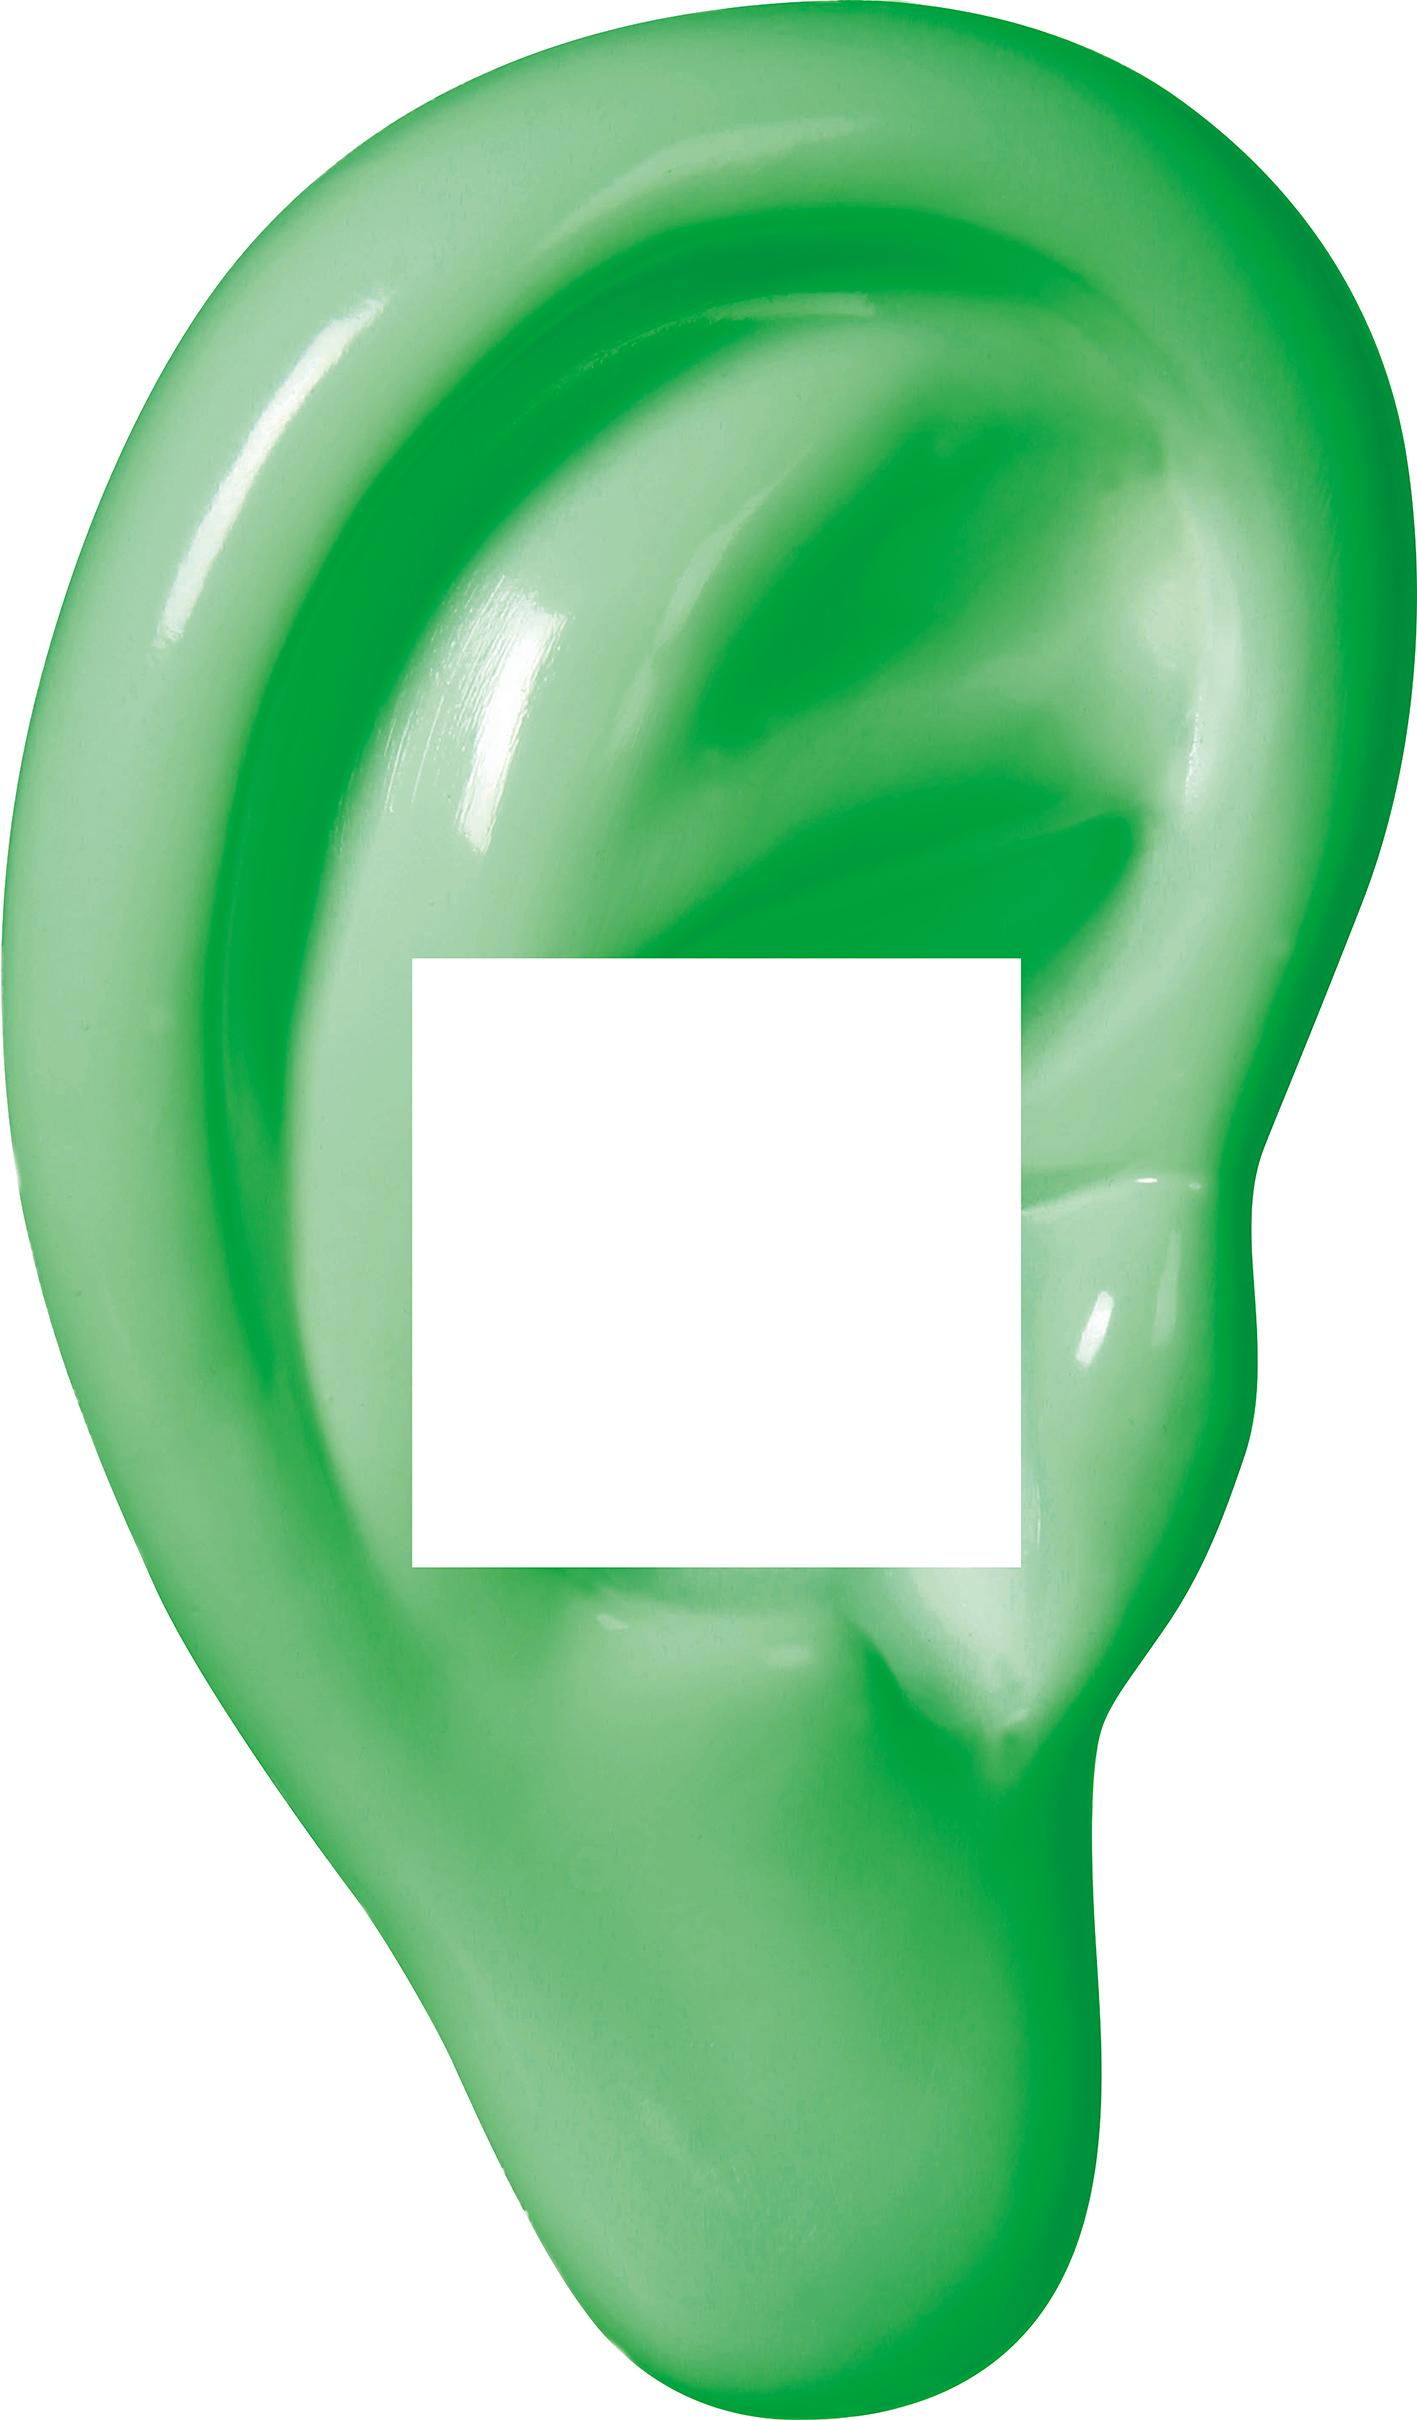 Decoframefolie Ohr grün Hörgeräte